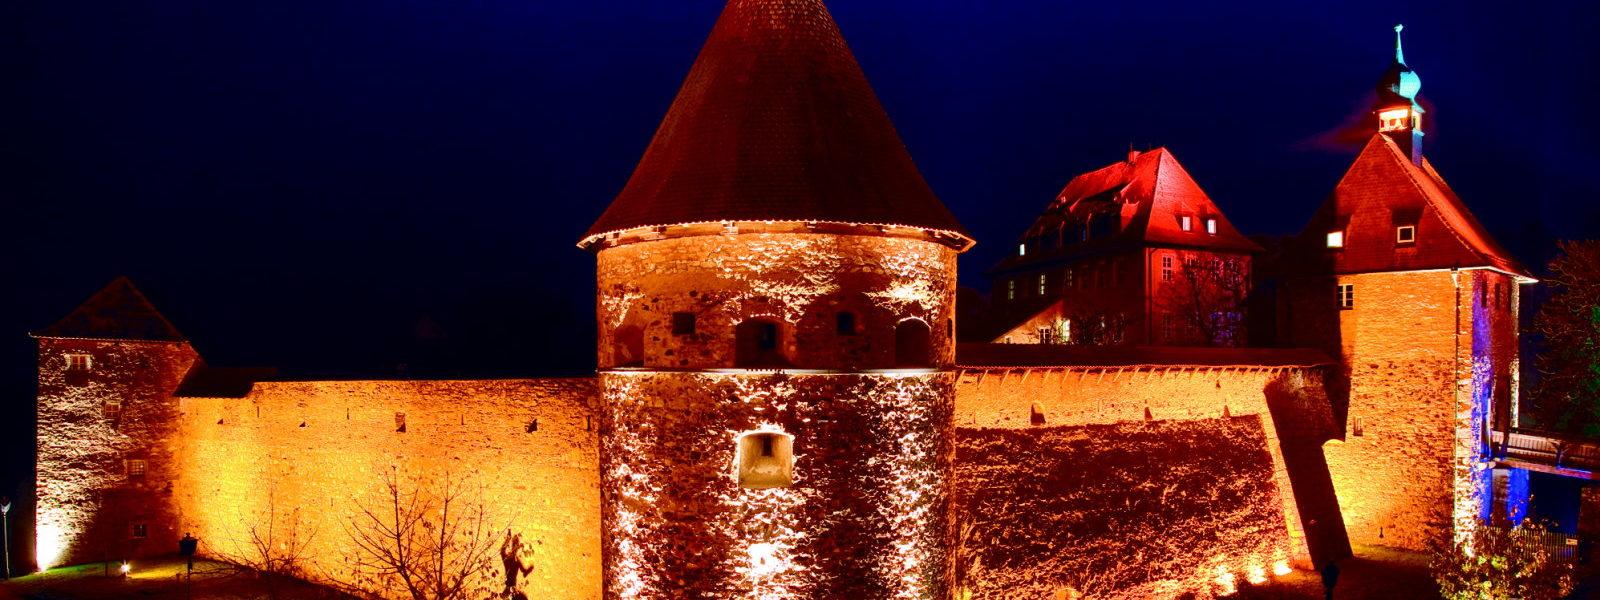 Burg Hohenberg, Foto Manfred Jahreiss